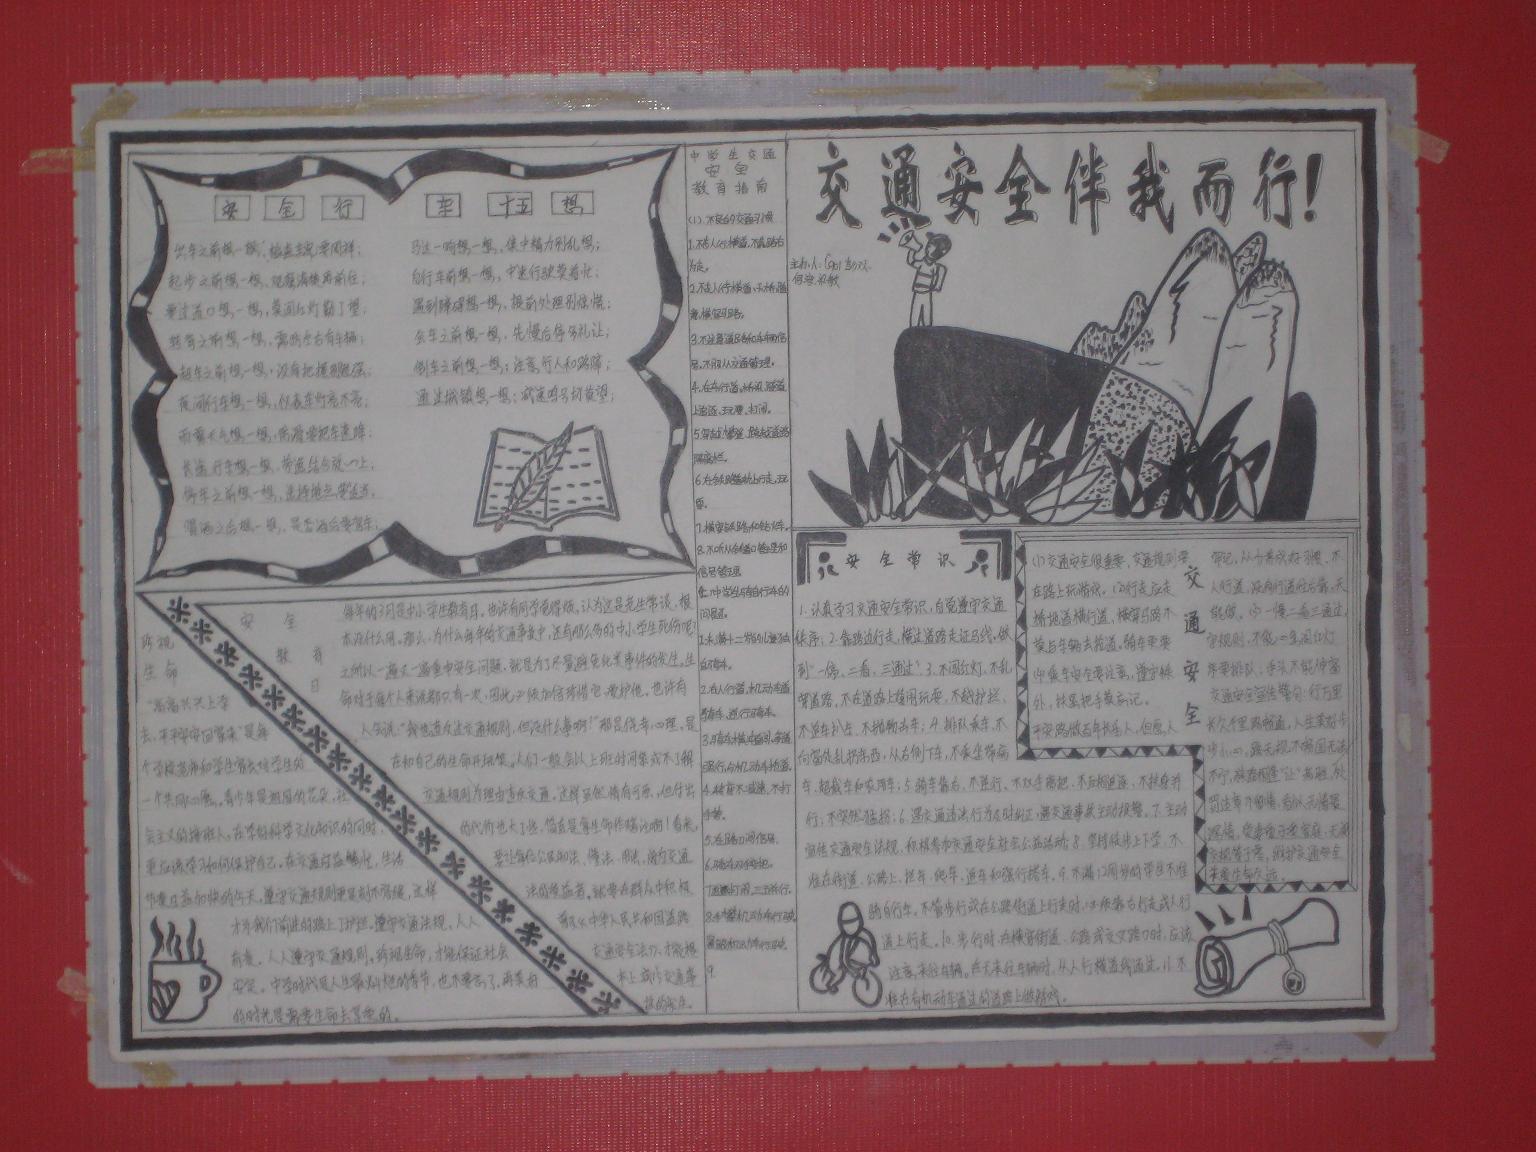 反邪教手抄报-反邪教漫画一等奖/反邪教手抄报高中/反邪教手抄报内容